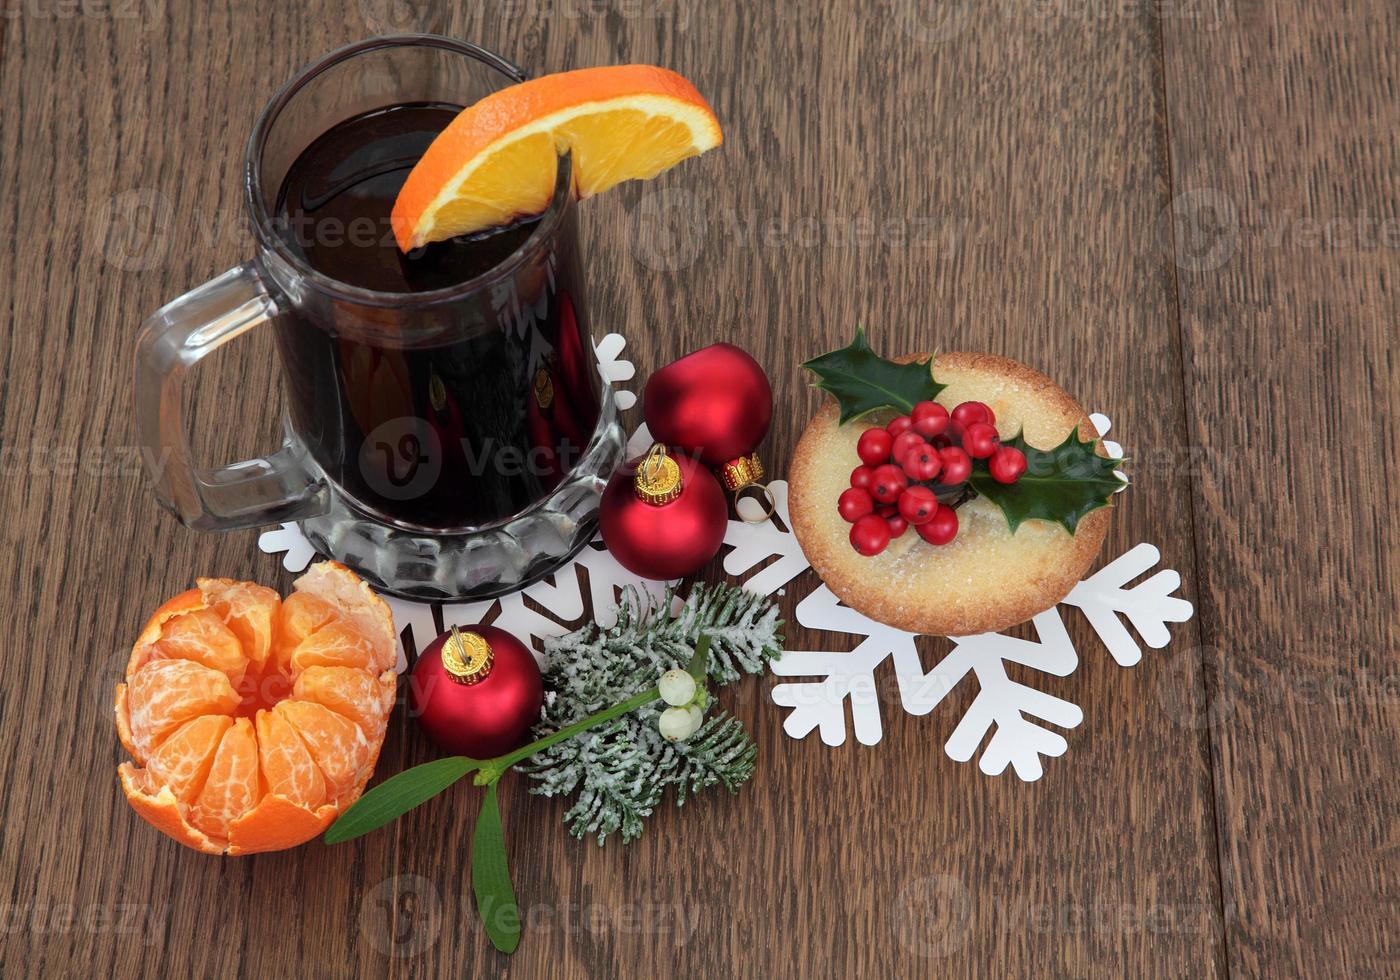 comida y bebida navideña foto